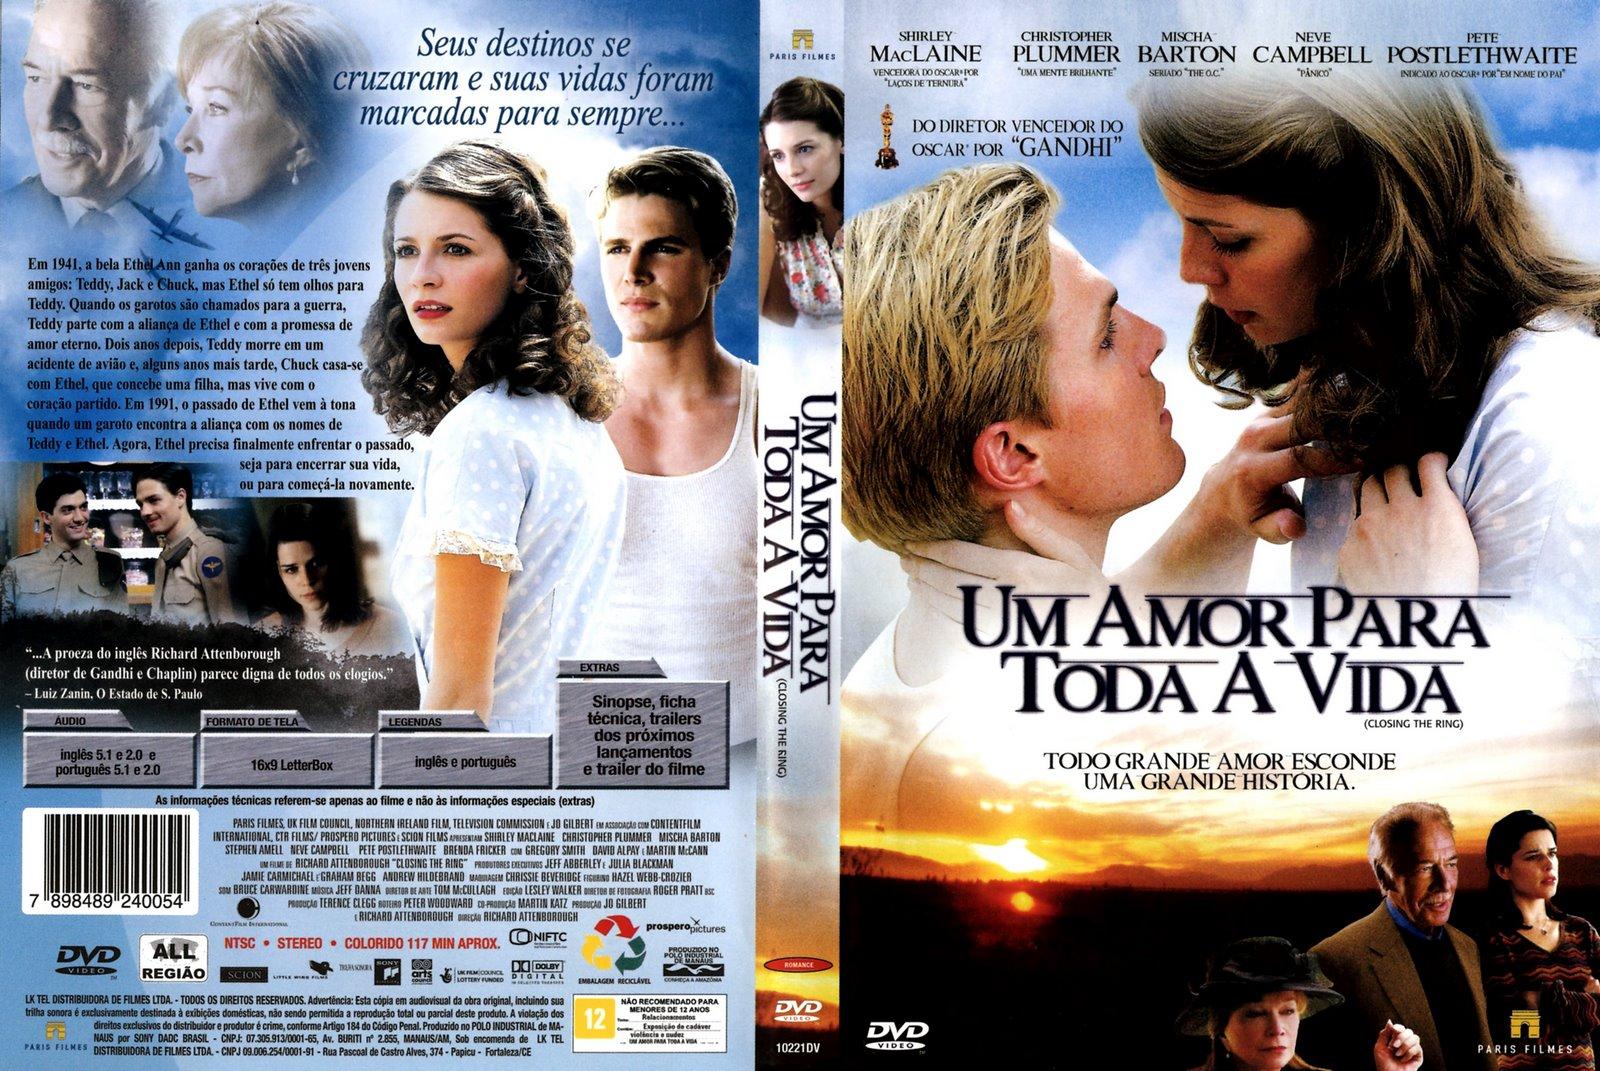 Amor Para A Vida Toda: .: Novembro 2010